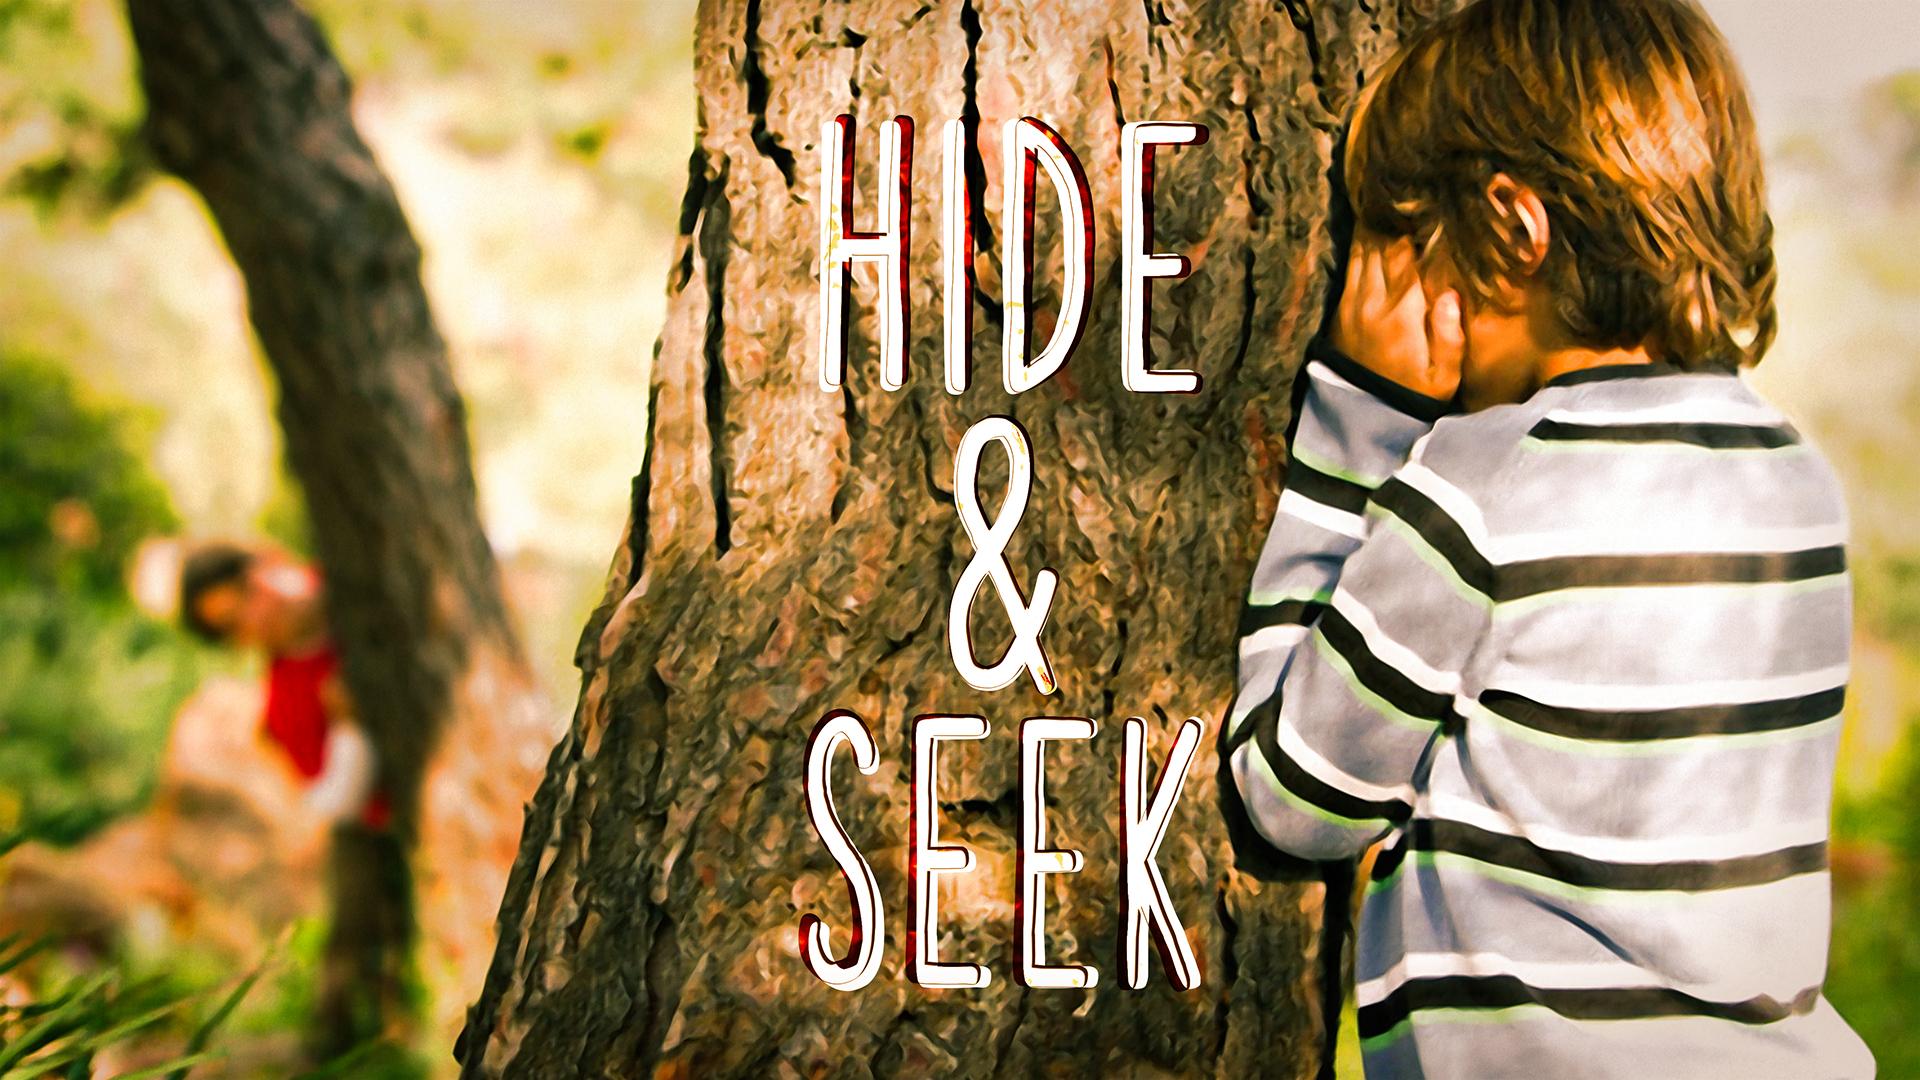 HIDE & SEEK MESSAGE SERIES